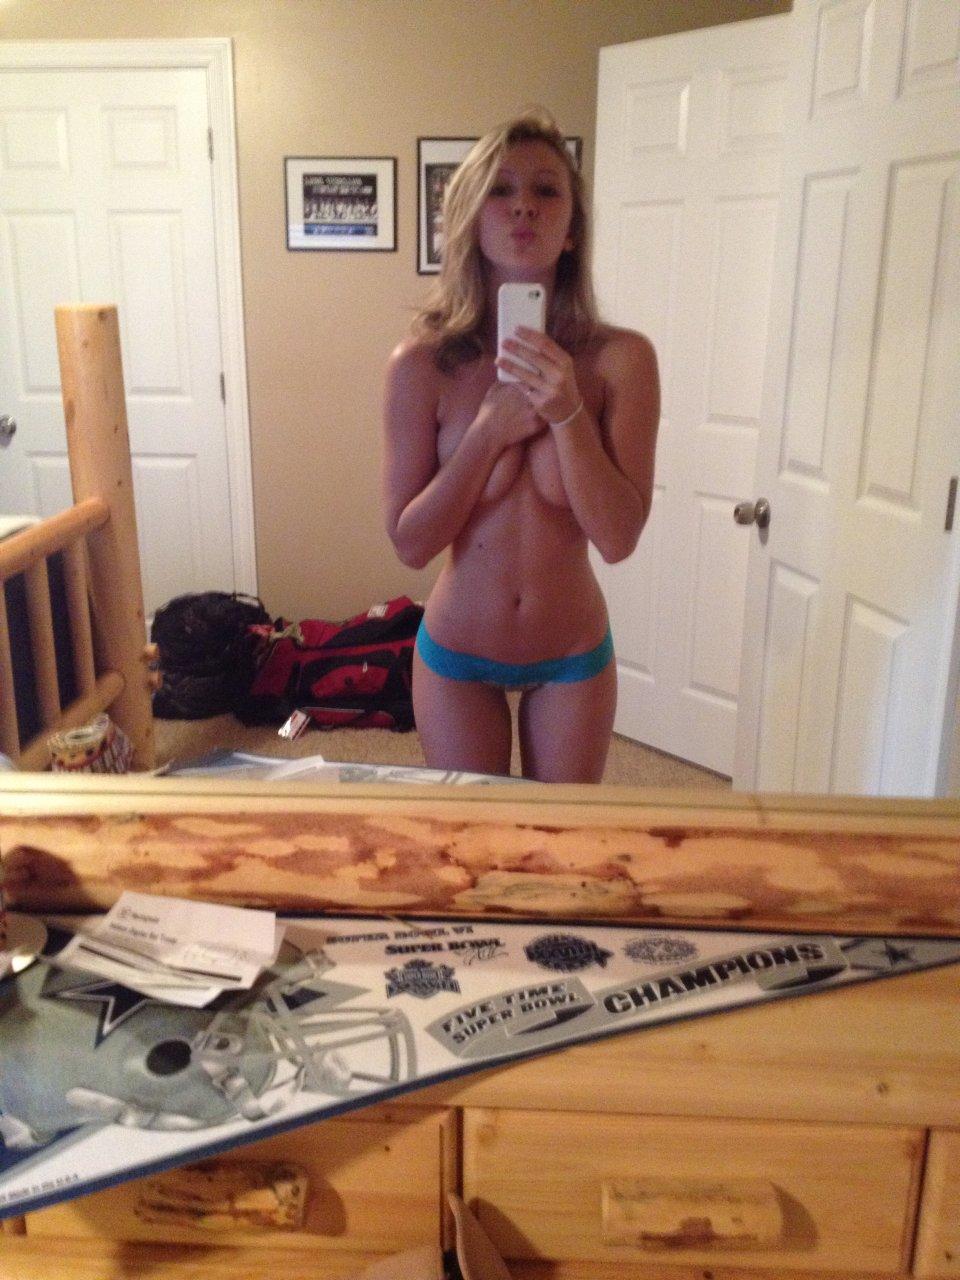 Dallas Cowboys Cheerleader Tobie Percival The Fappening Leaked Nude Selfies